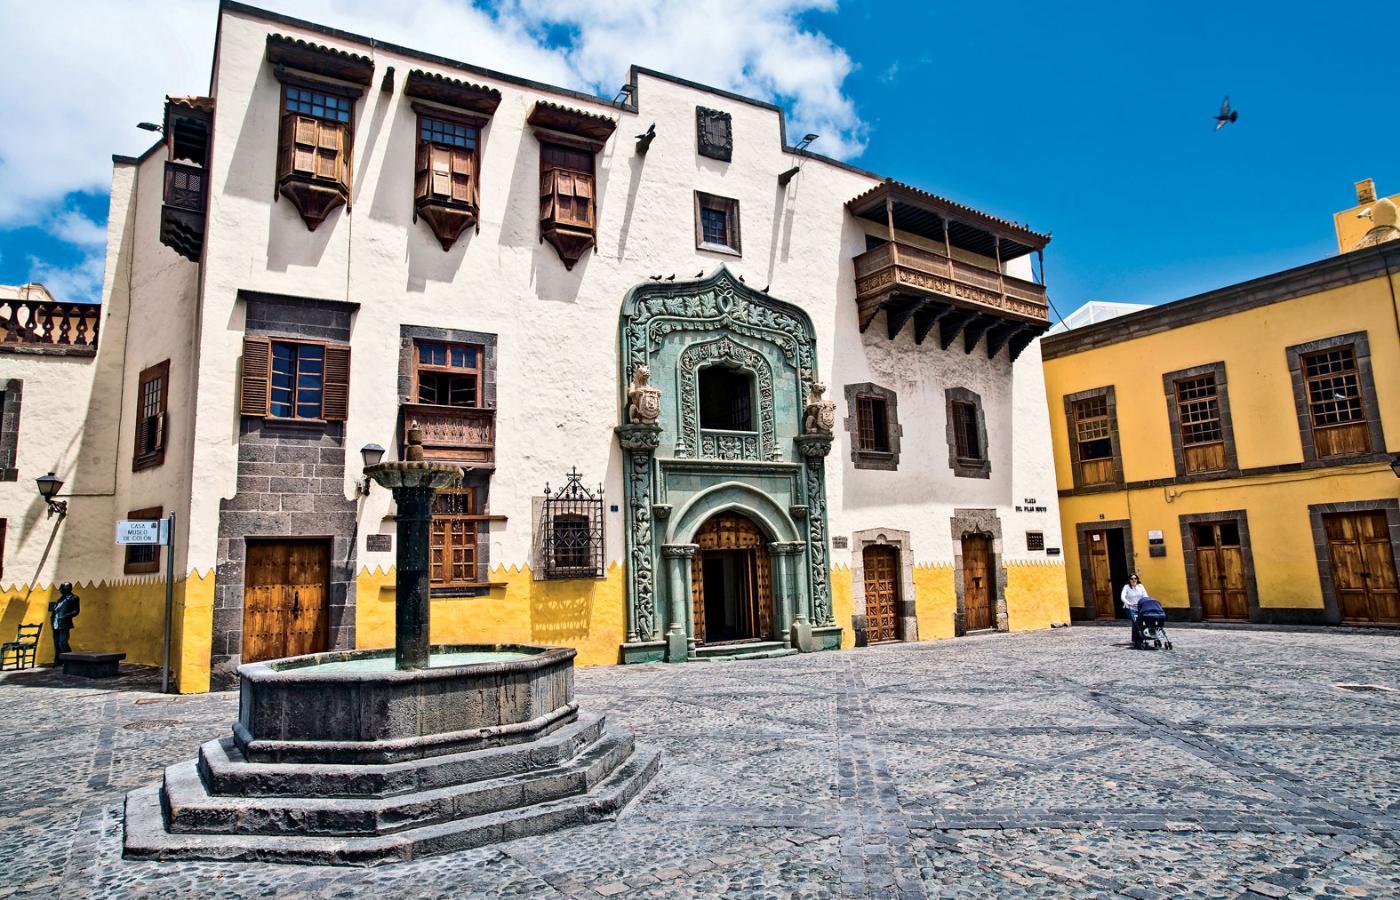 5e739f506 To, co przetrwało z kolekcji Hernando Kolumba, zgromadzono w Biblioteka  Colombina w Sewilli.